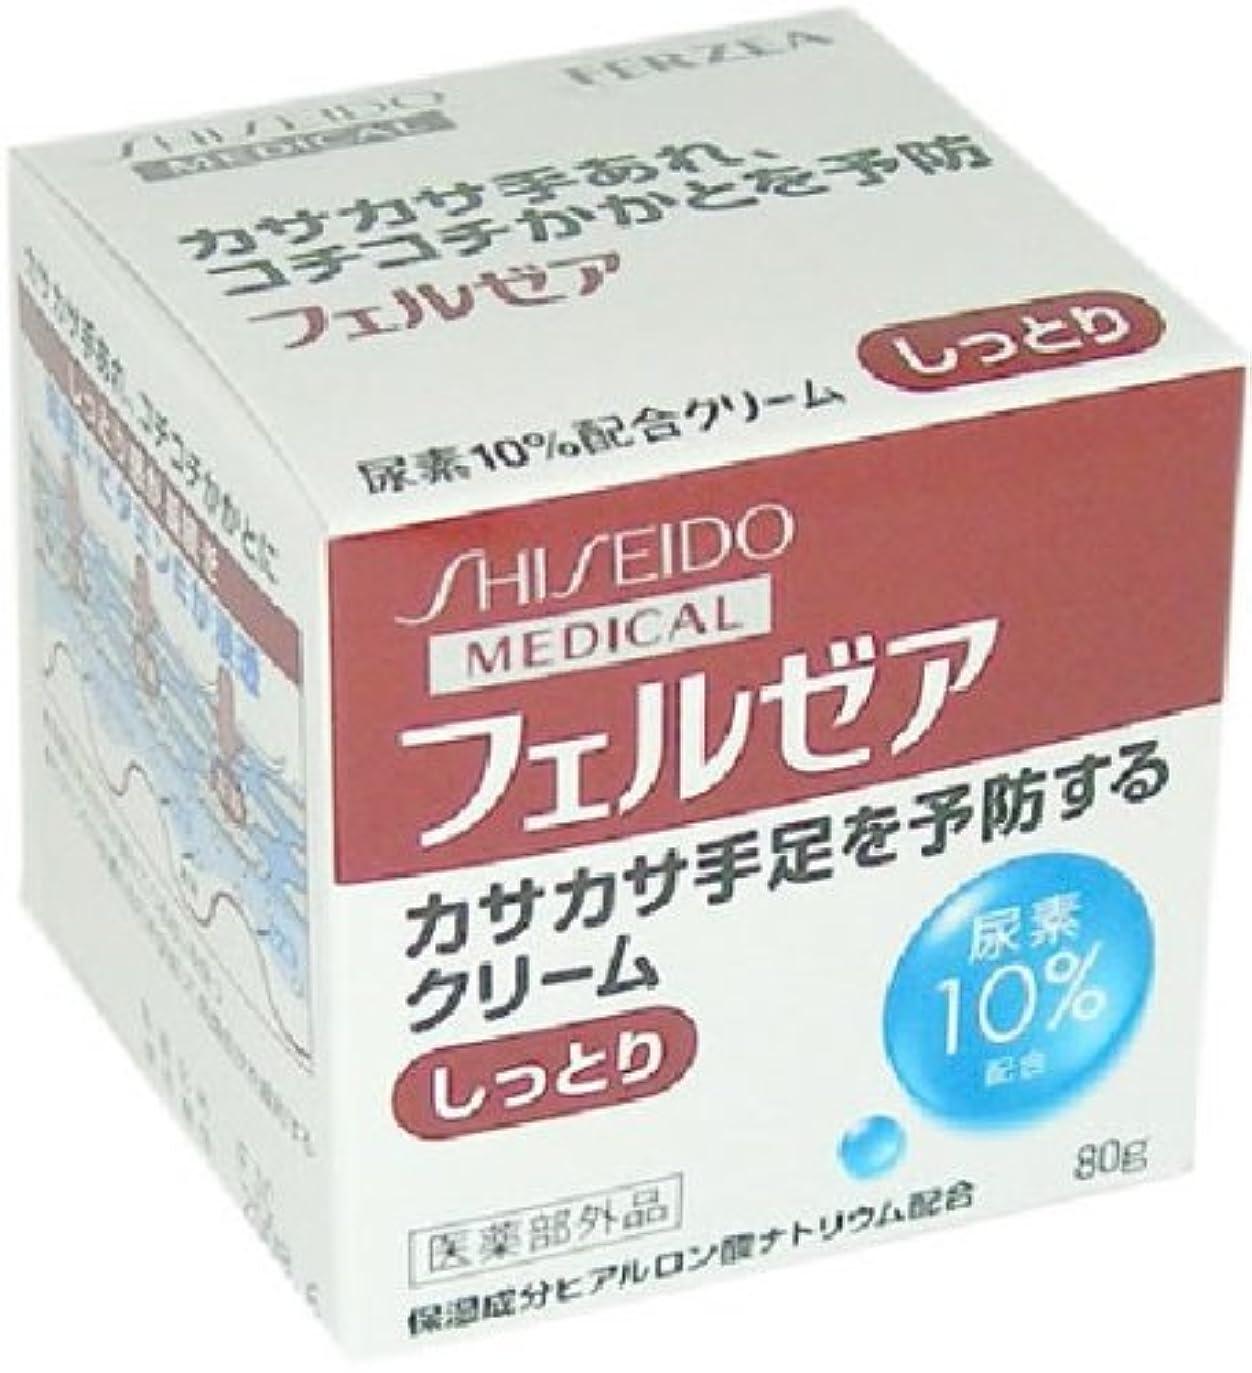 受け入れ葉和解するフェルゼア クリームM しっとりジャータイプ 尿素10%配合 80g [指定医薬部外品]